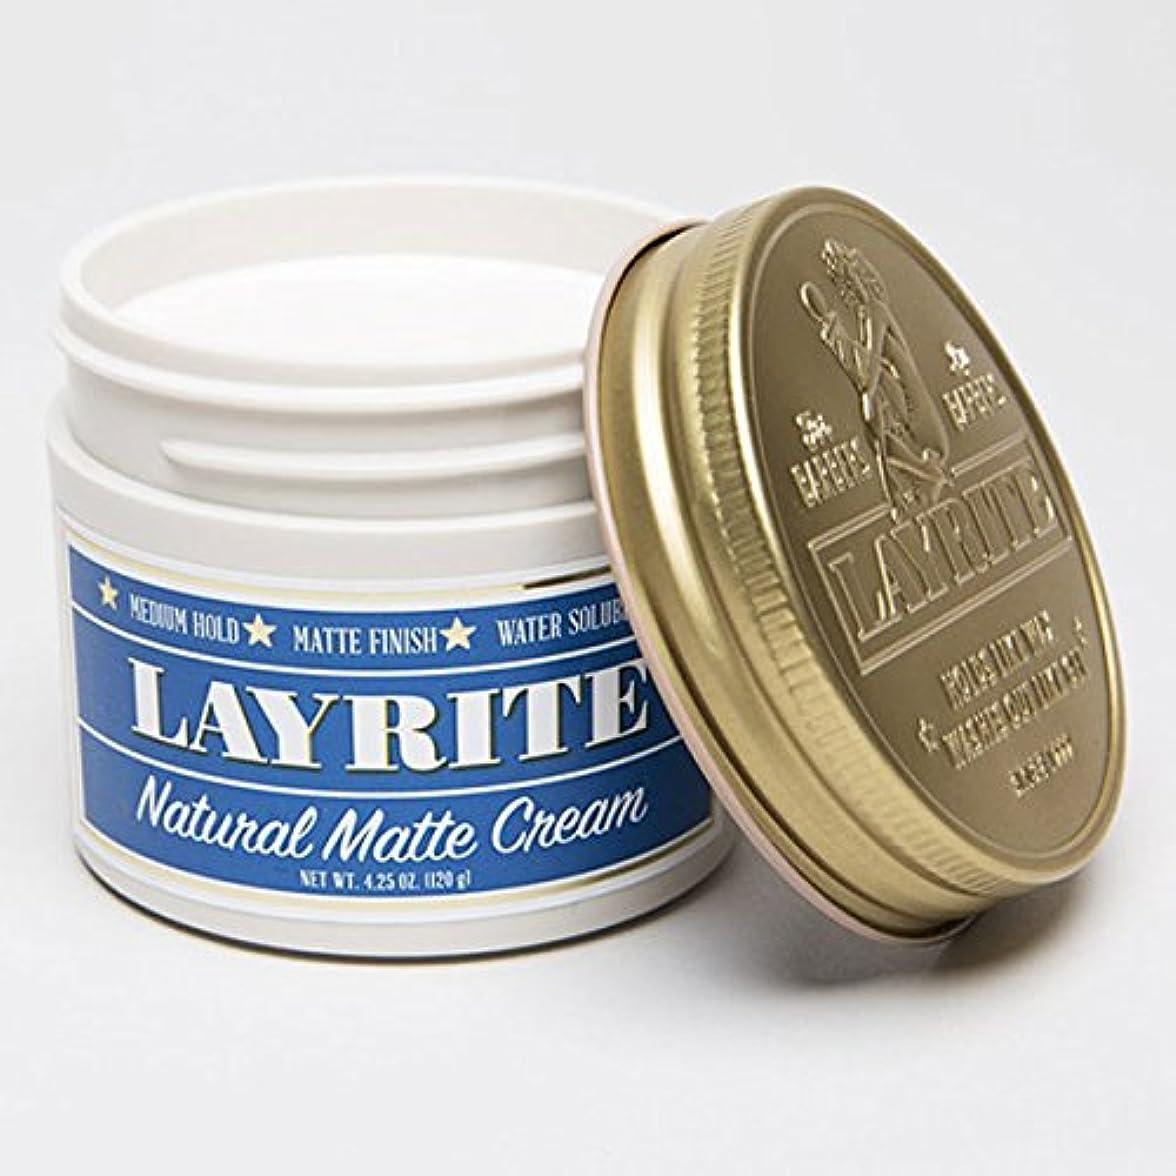 産地逃げるコンパクトLAYRITE レイライト 【Natural Matte Cream Pomade】 水性ポマード ミディアムホールド 4.25OZ(約120G)